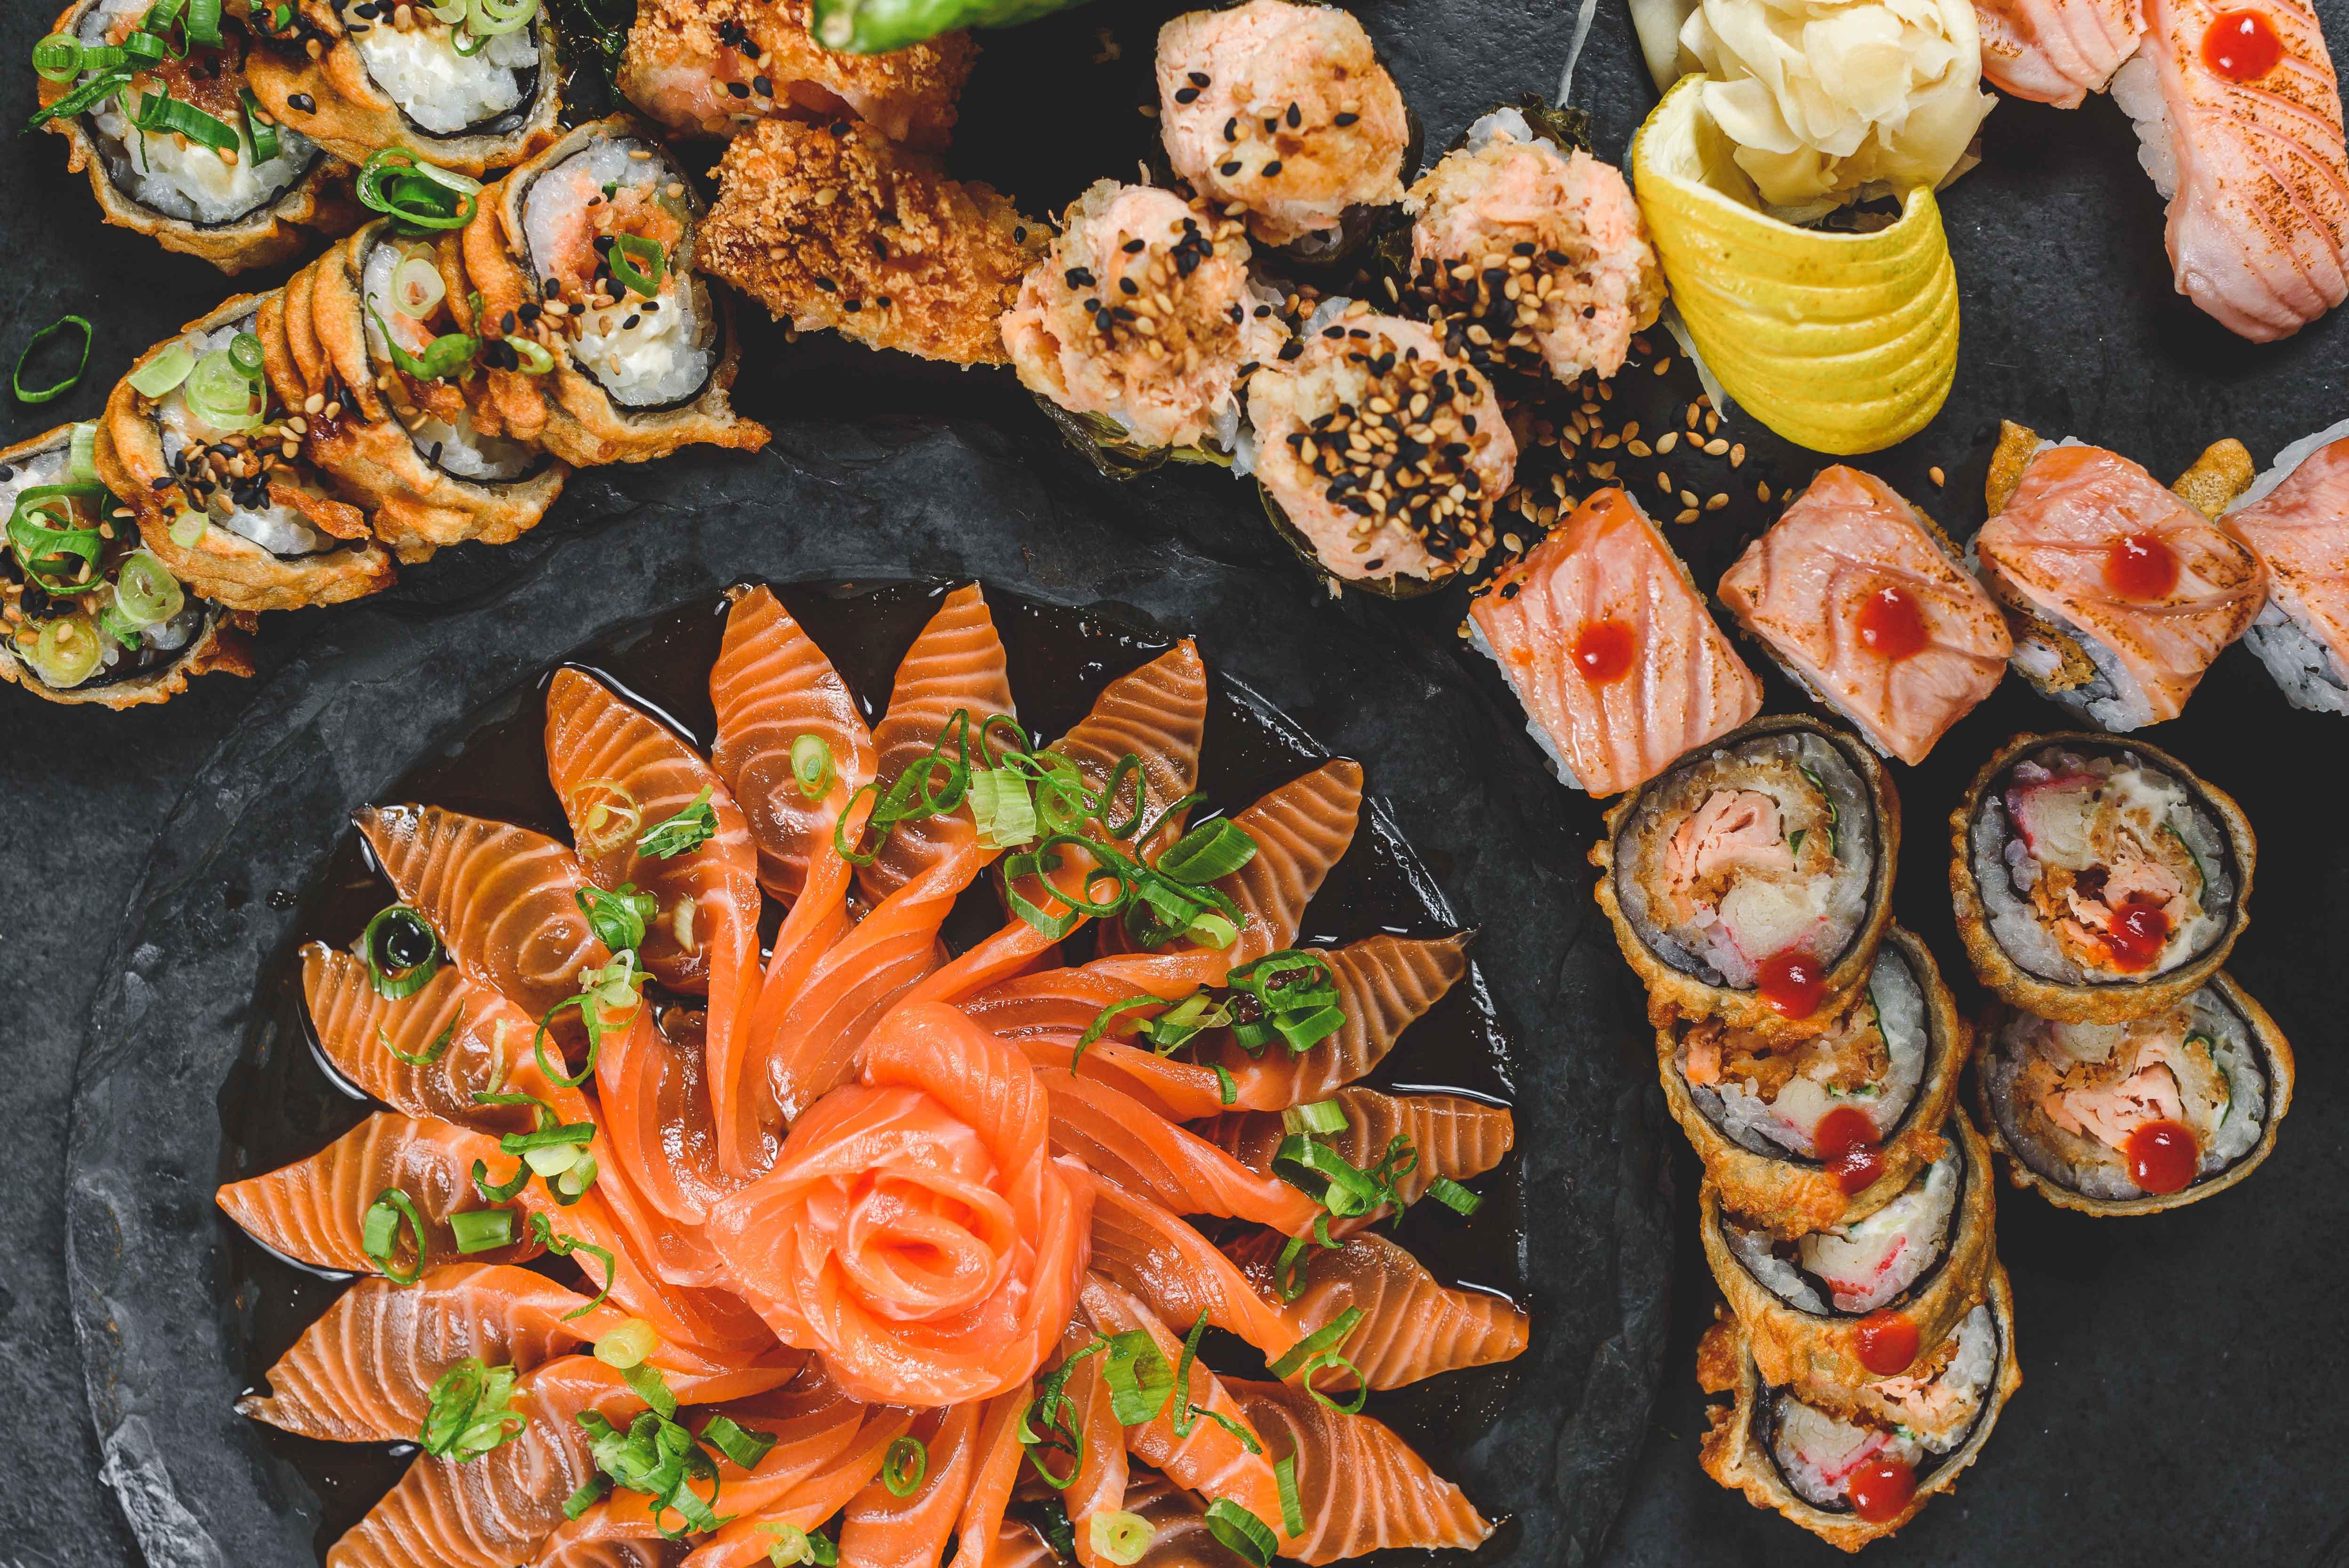 A imagem mostra um farto combo de comida japonesa